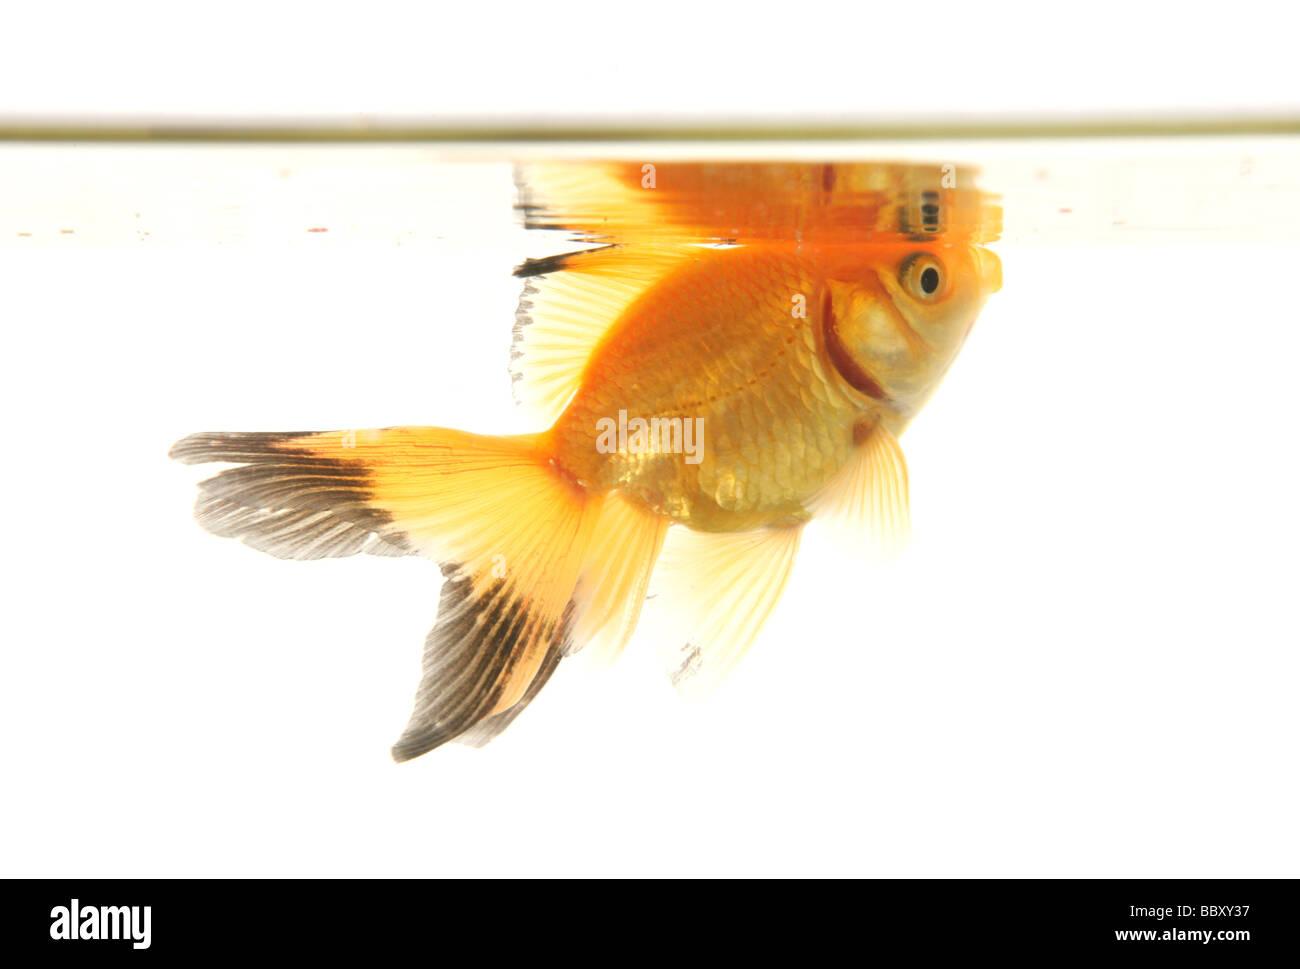 Fiocco goldfish ritaglio ritratto studio Immagini Stock